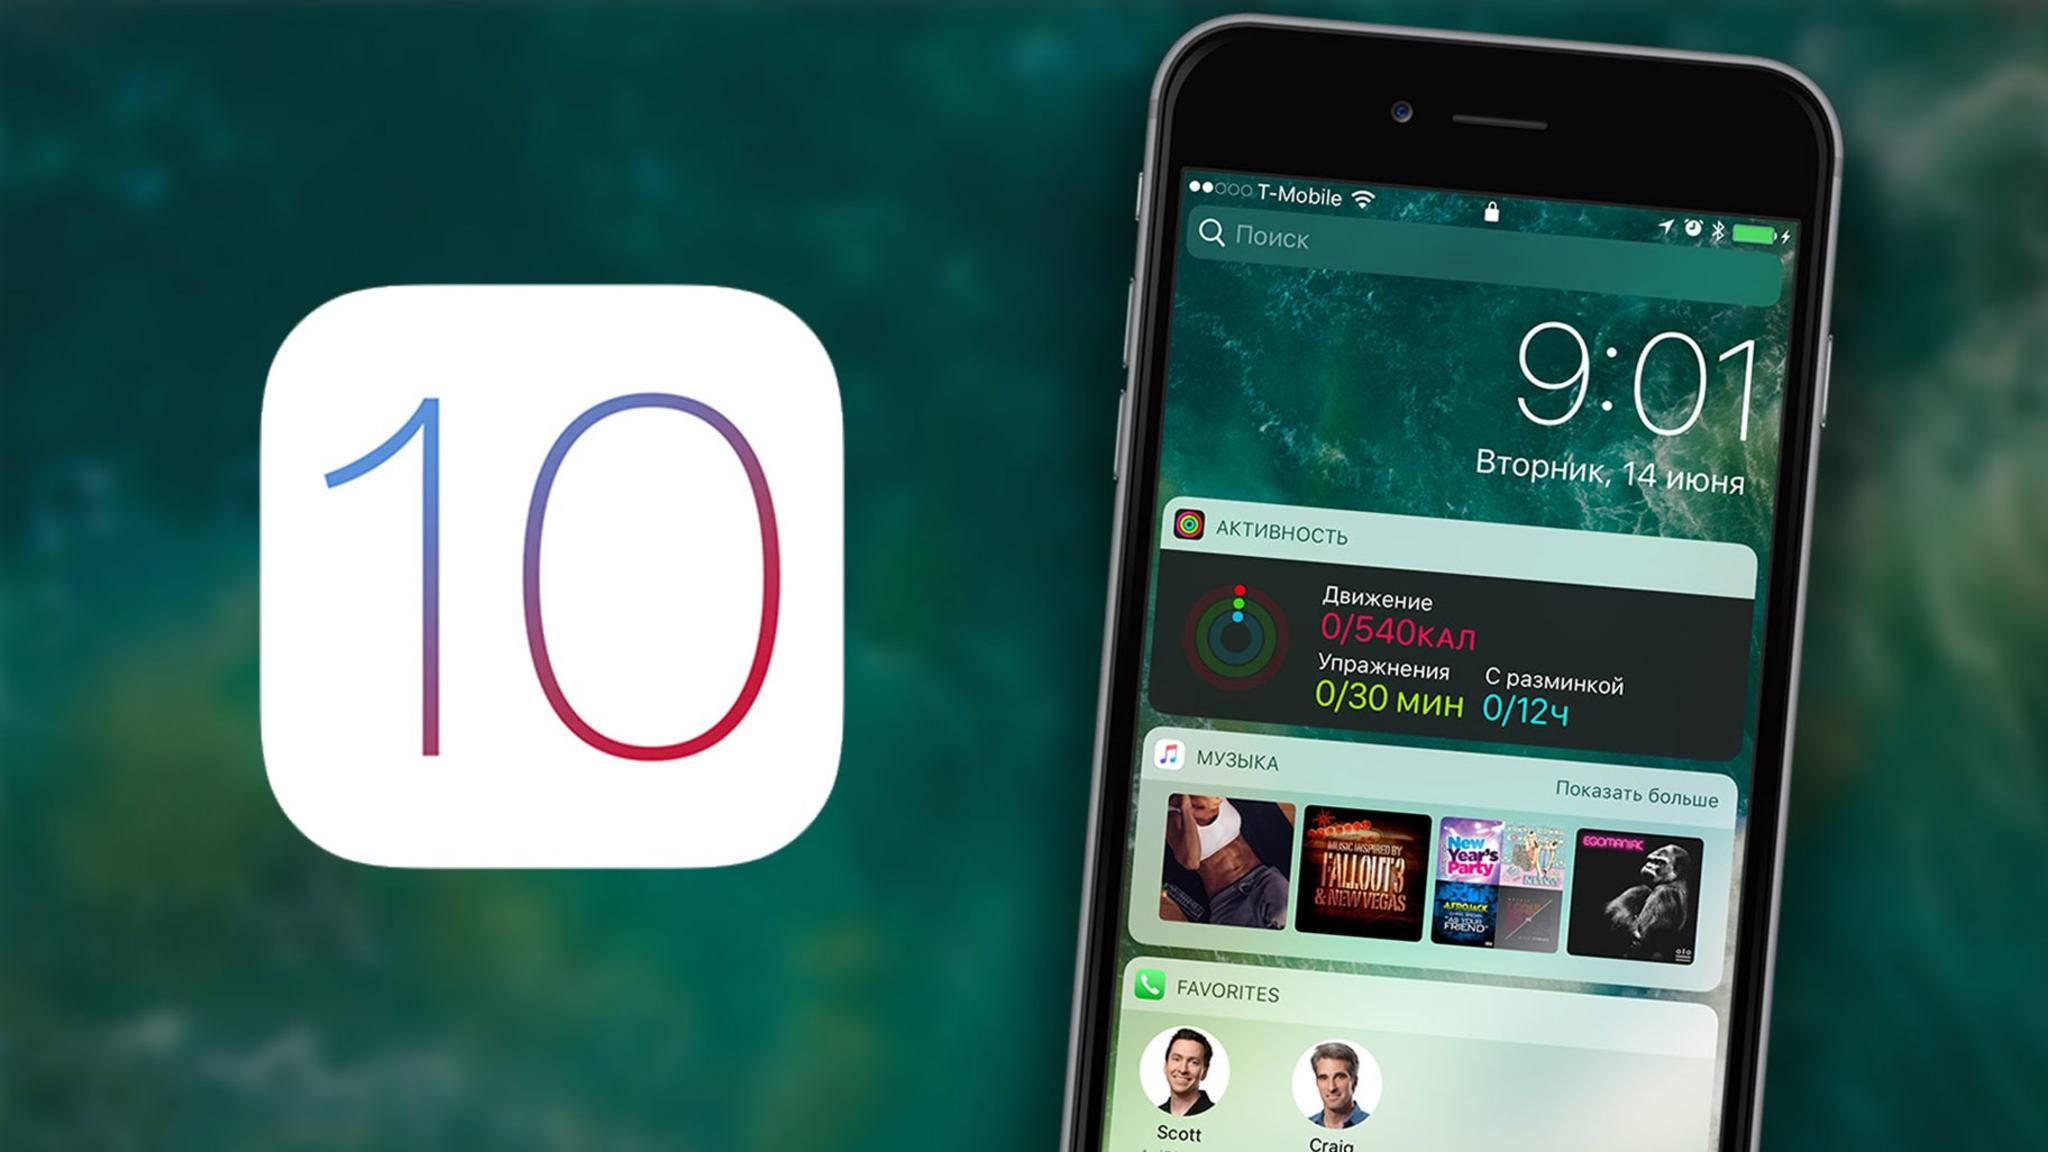 Neue Features und Emojis: iOS 10.2 im Anmarsch.